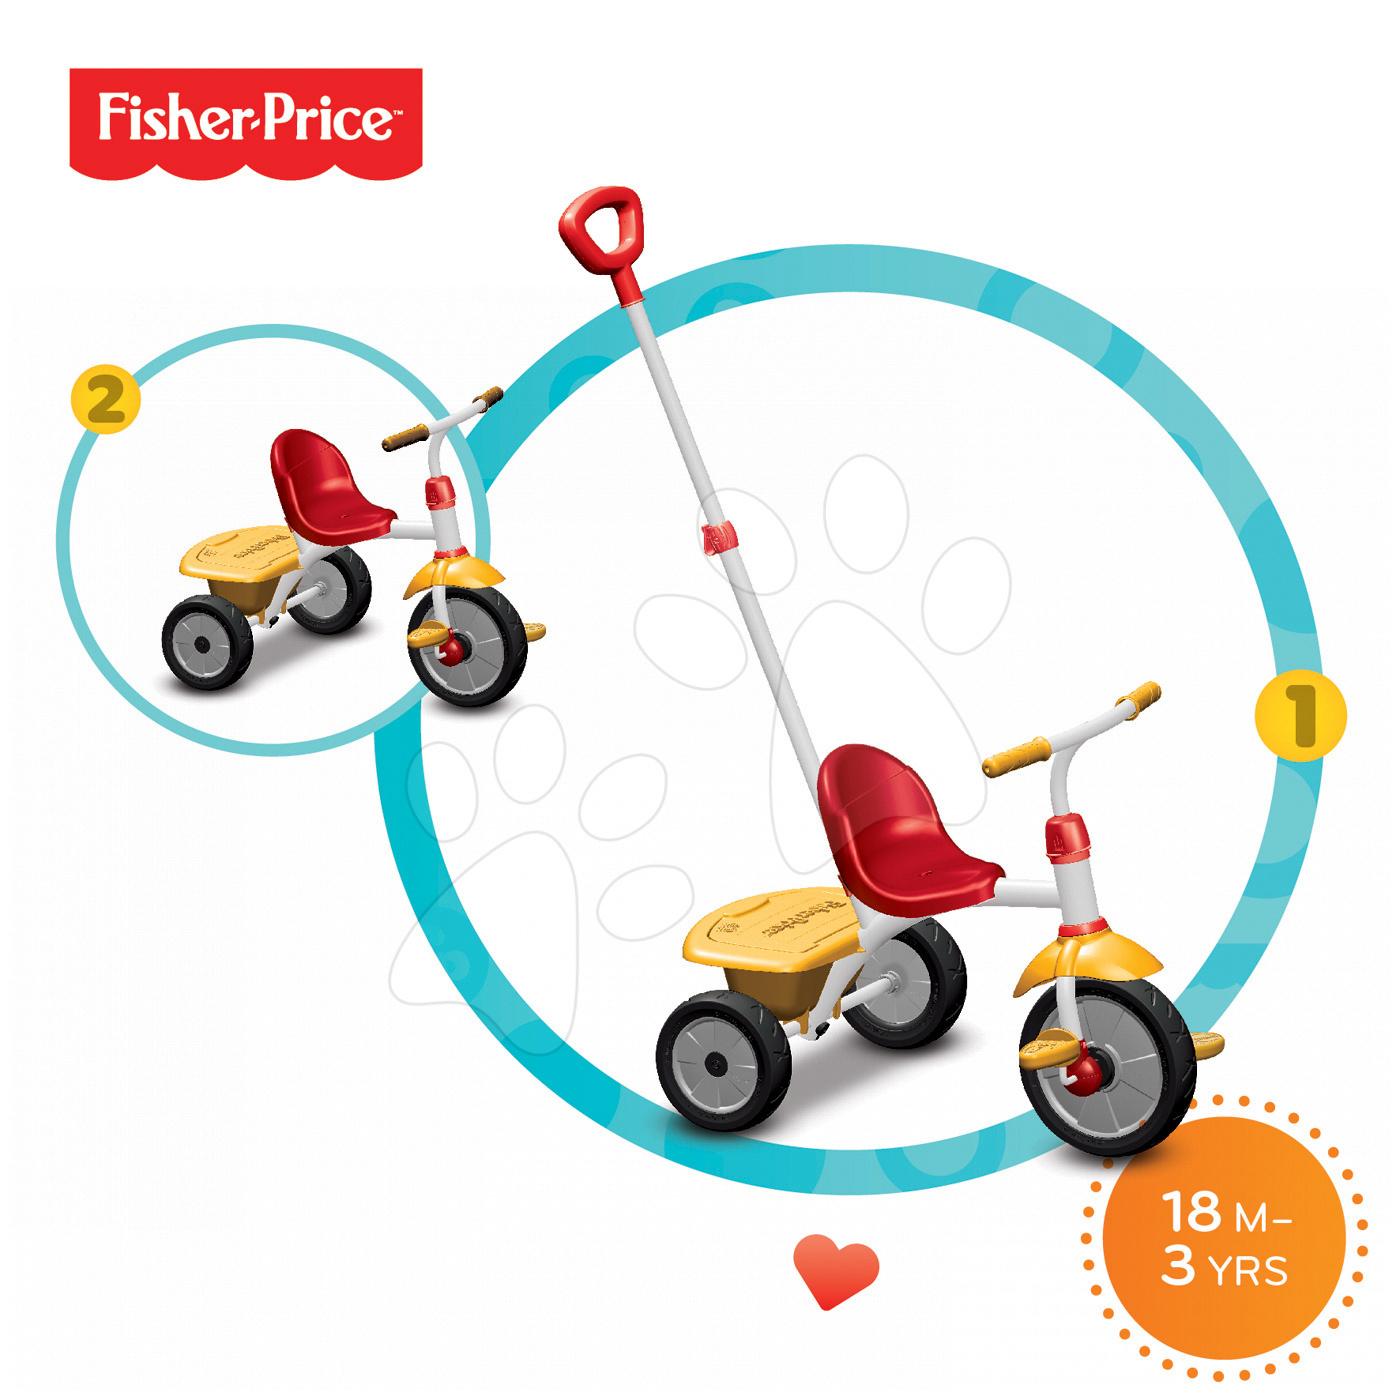 Trojkolky od 15 mesiacov - Trojkolka Fisher-Price Glee smarTrike červeno-žltá od 18 mes